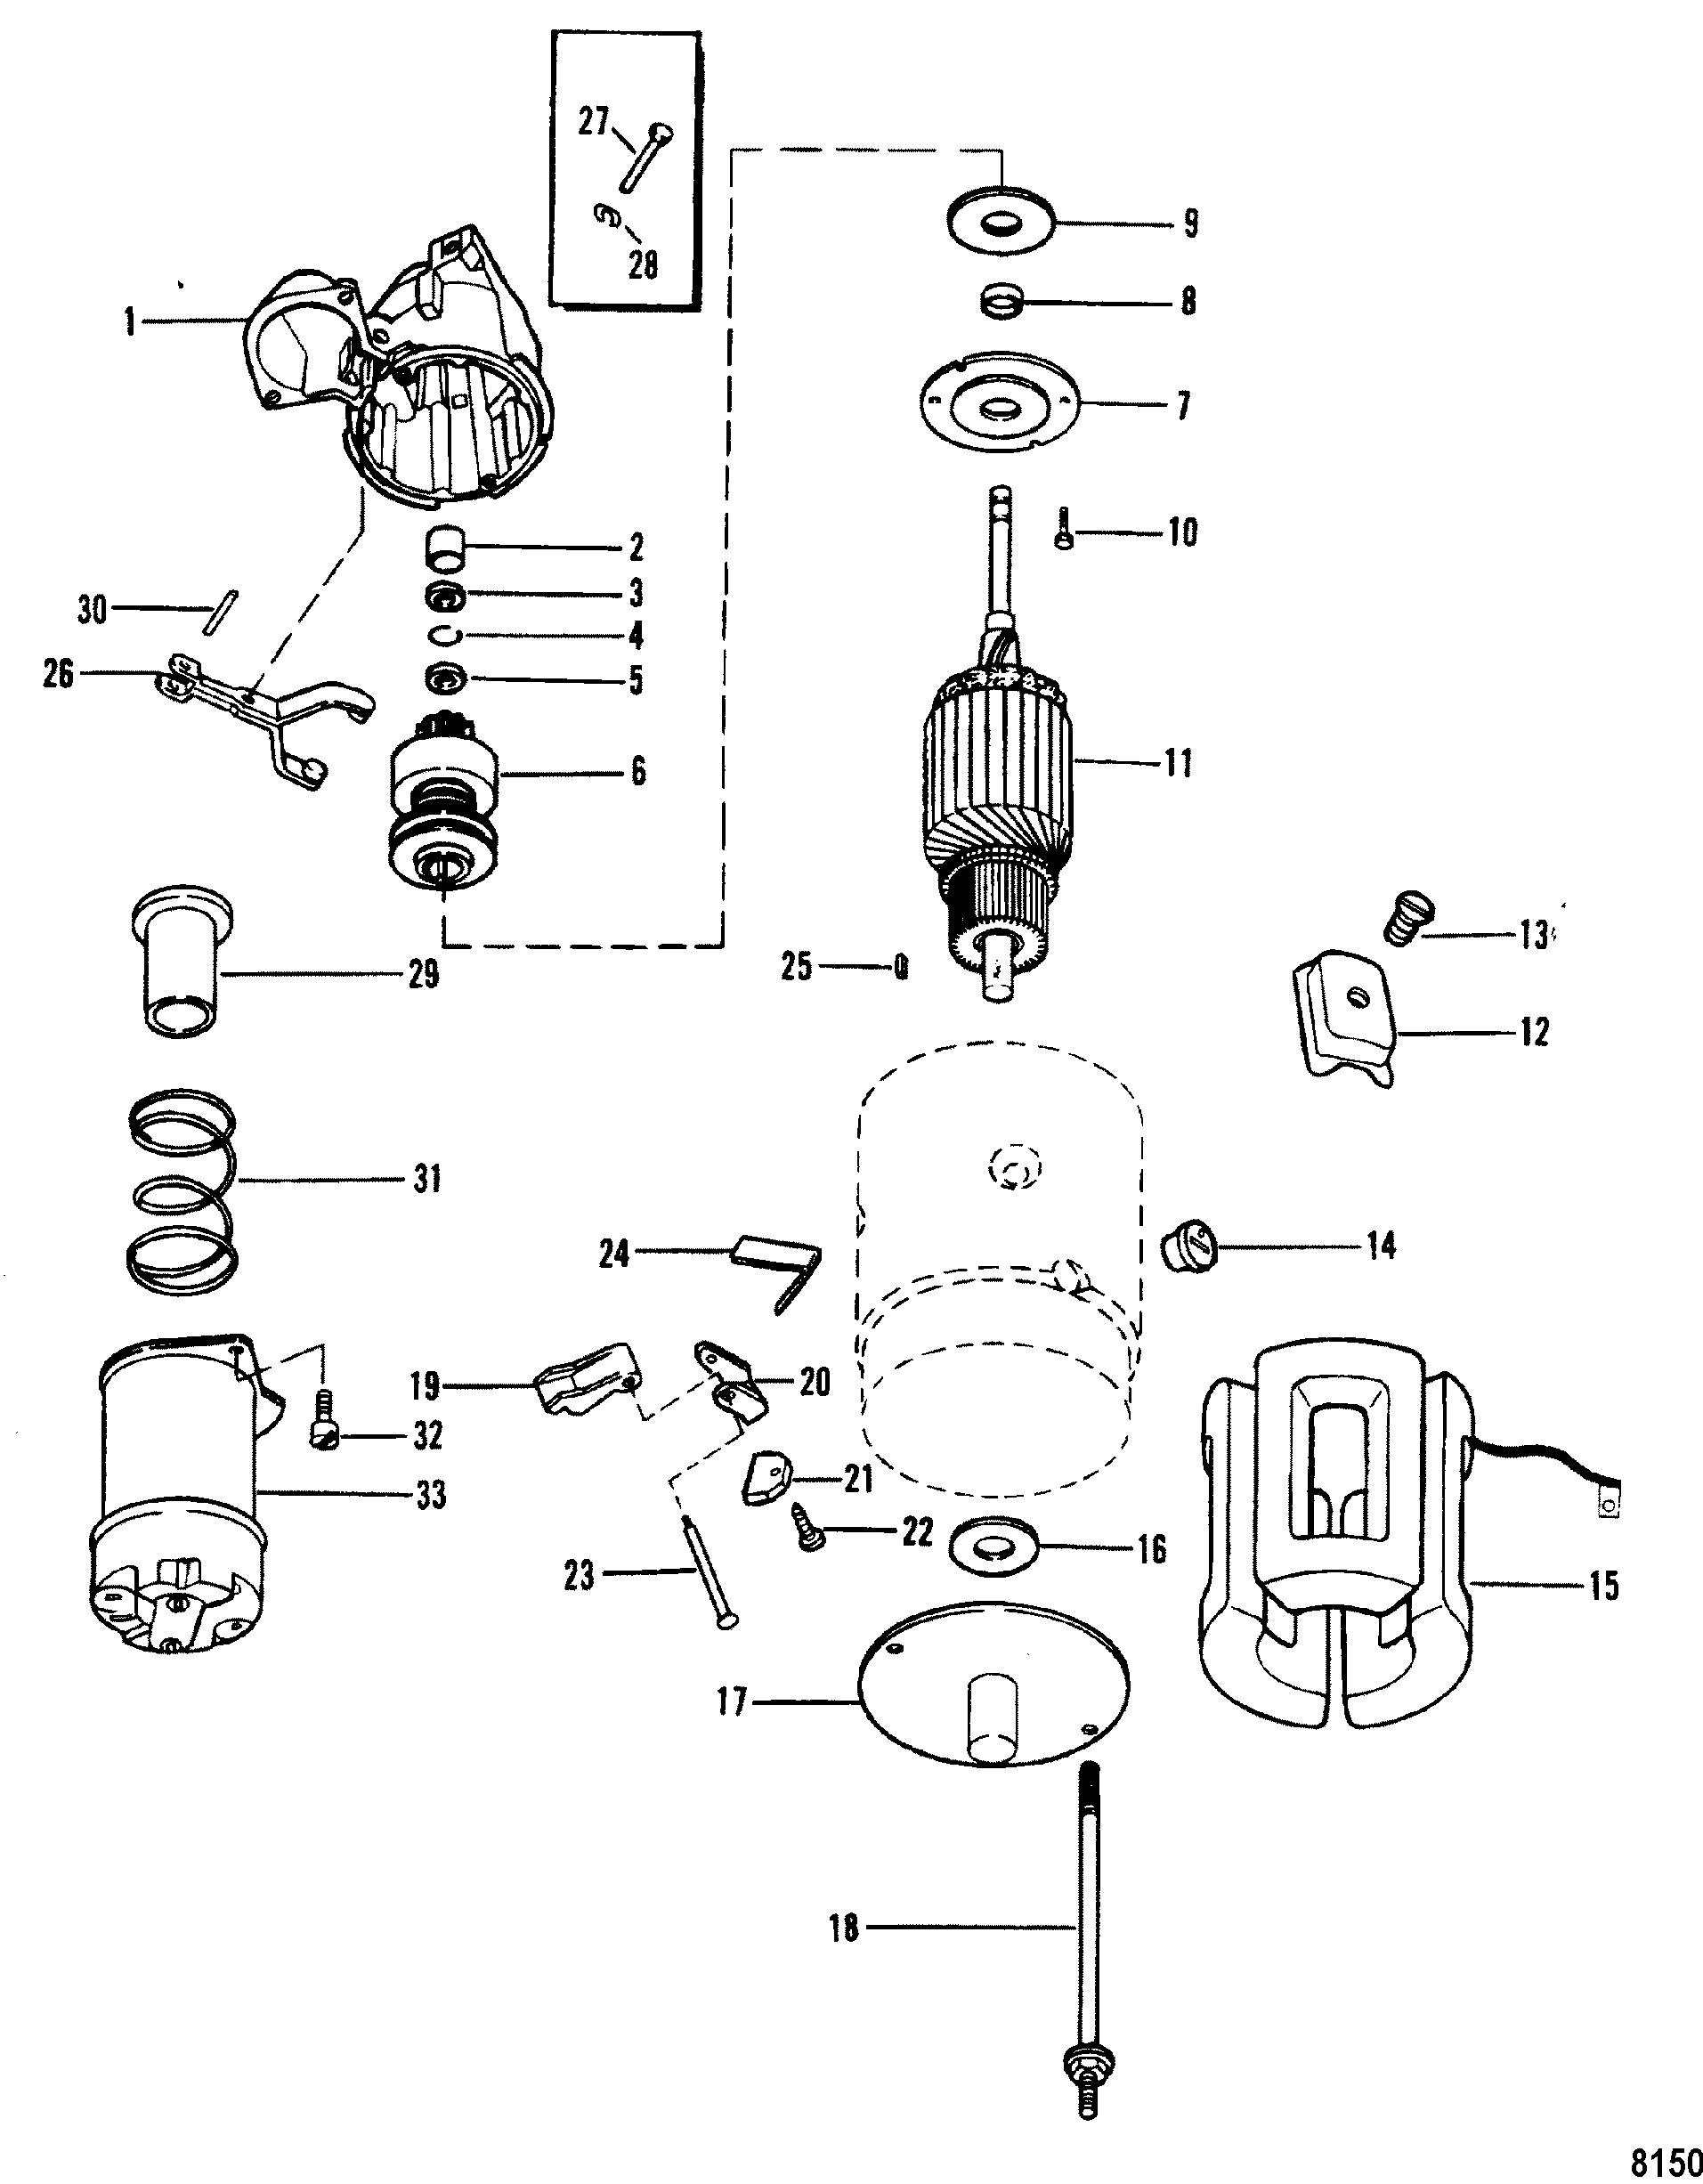 Starter Motor Delco Remy #1998317 FOR MERCRUISER 3.0L/LX